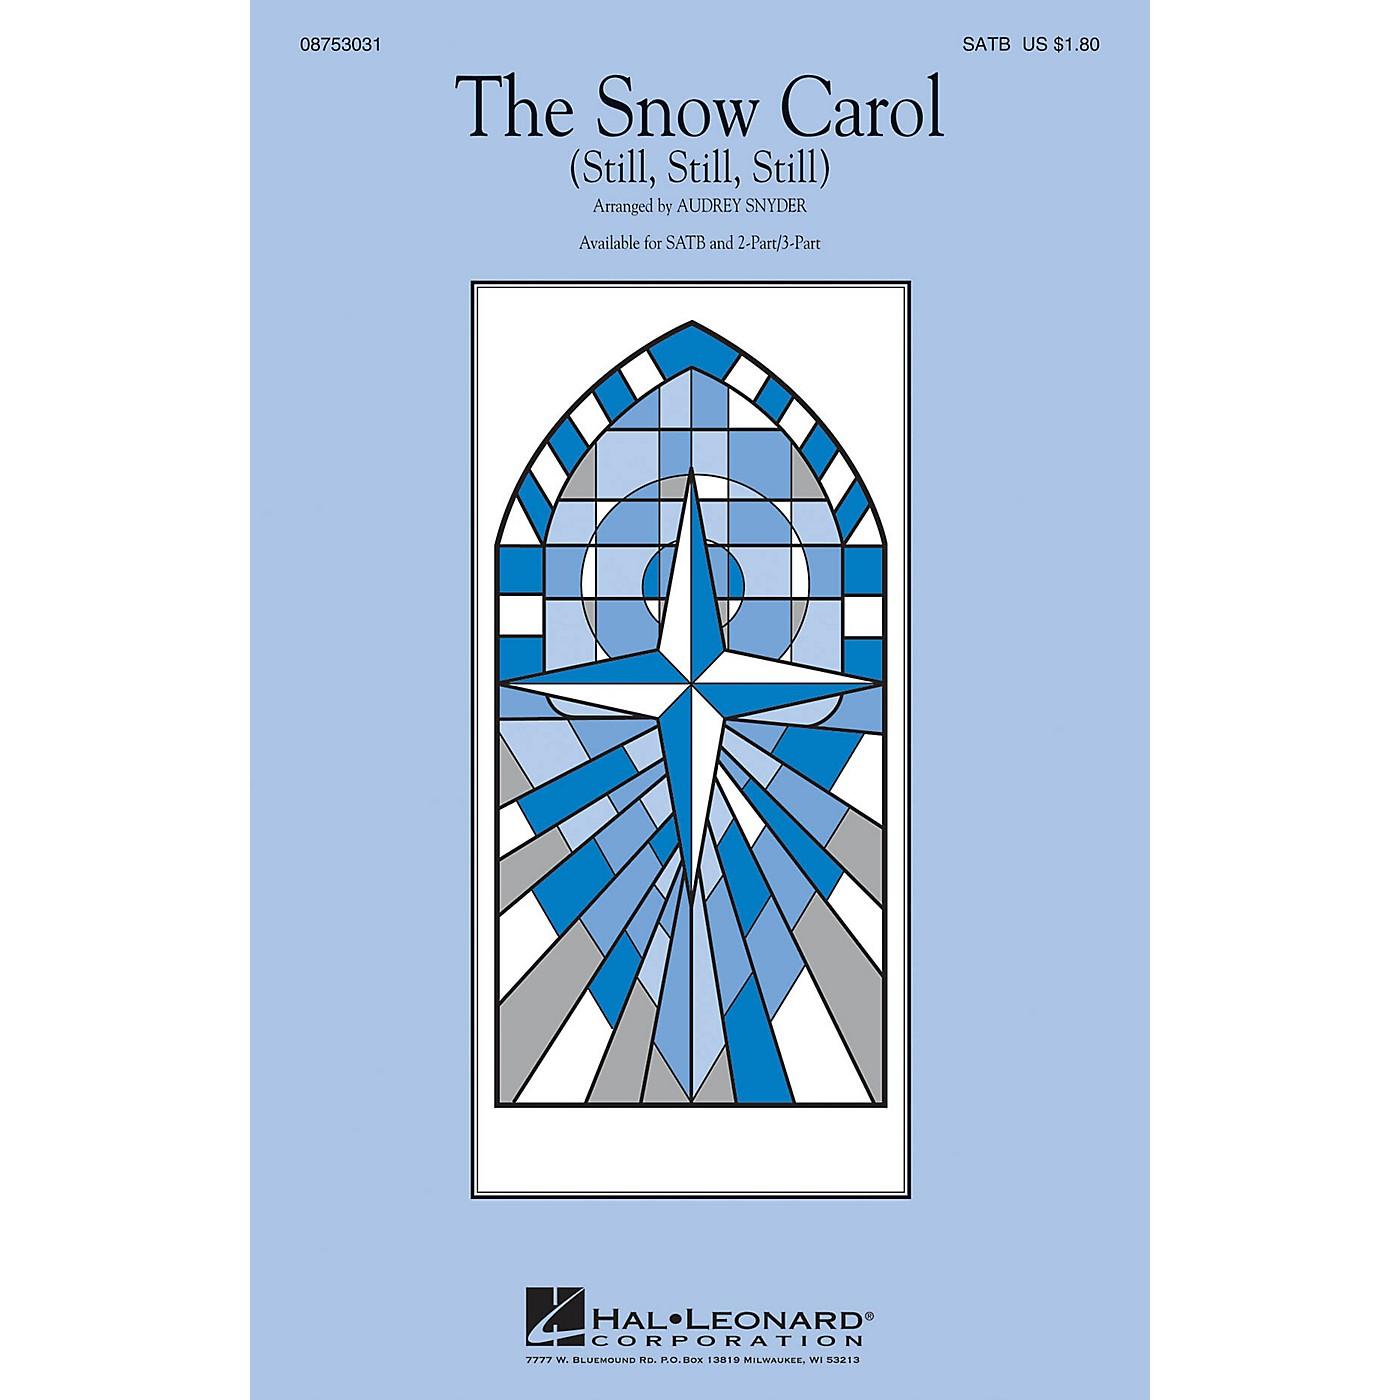 Hal Leonard The Snow Carol (Still, Still, Still) SATB arranged by Audrey Snyder thumbnail